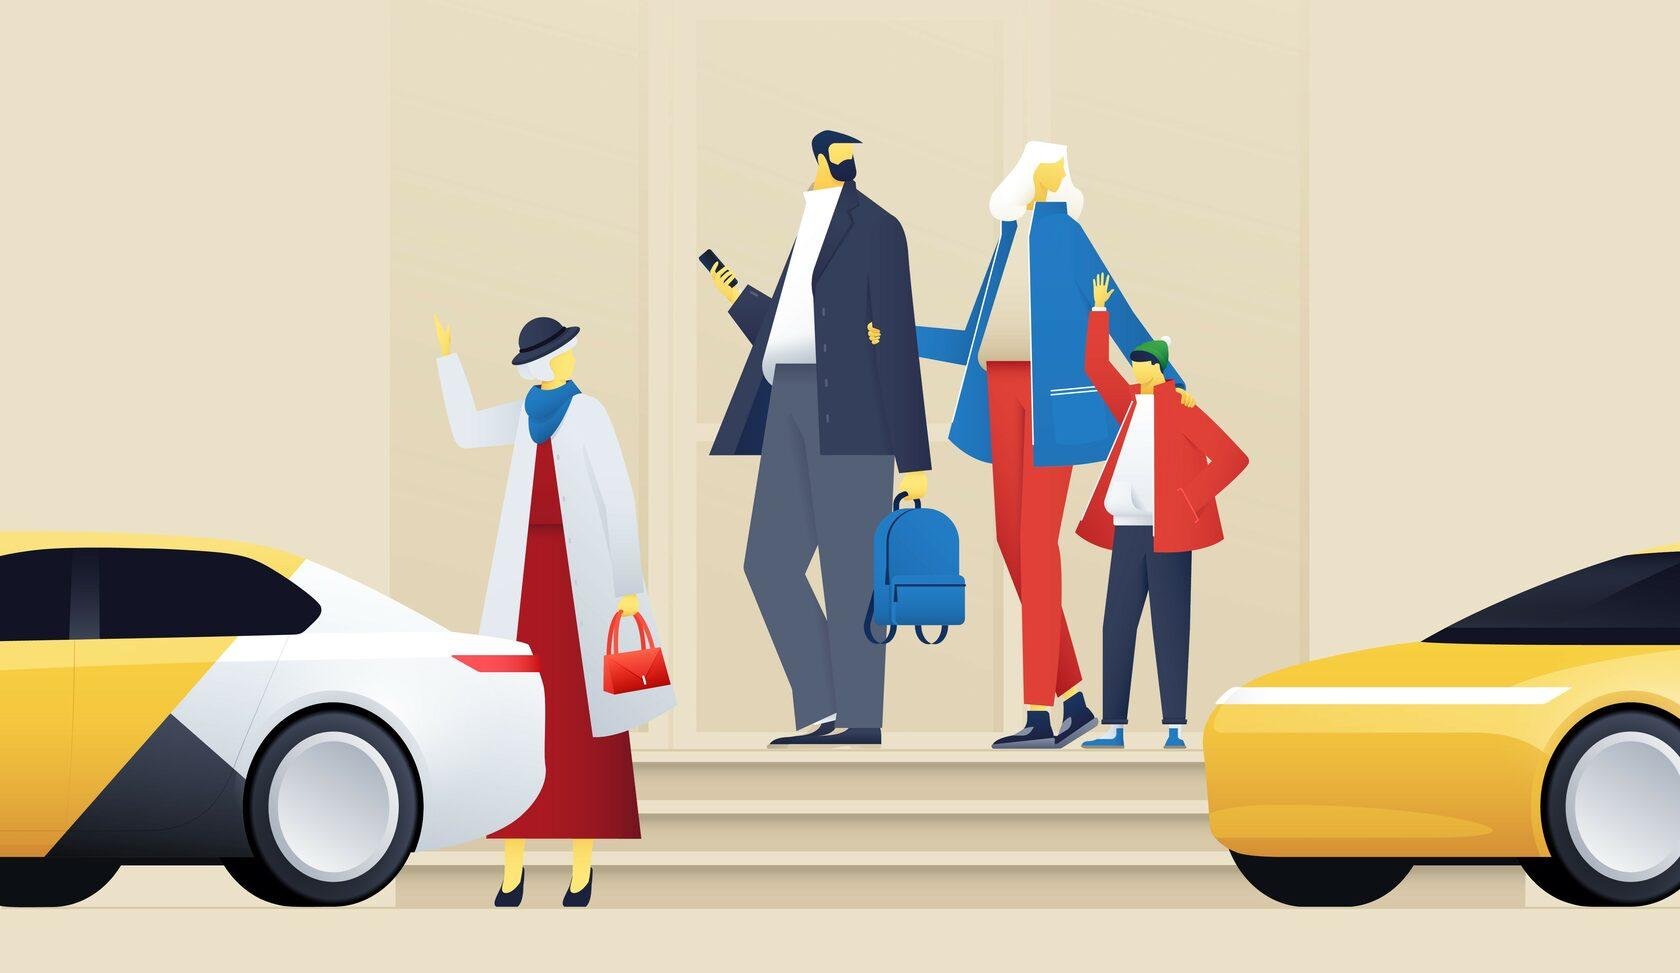 яндекс такси +по делам